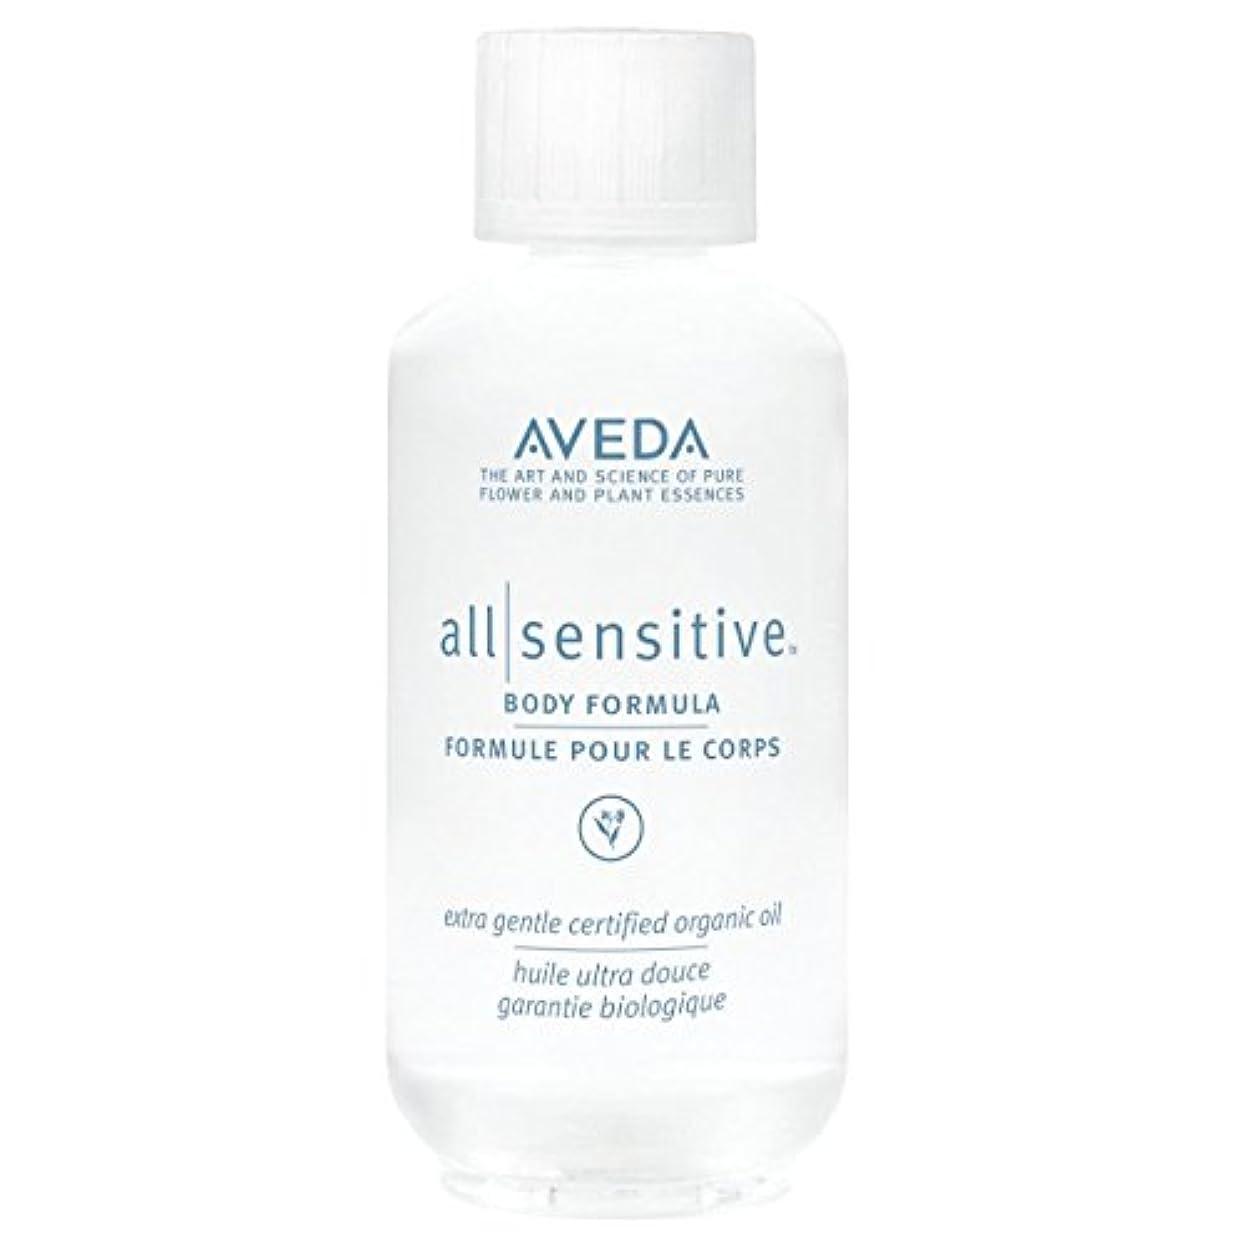 脇に解体する逆さまに[AVEDA] アヴェダすべての敏感な身体式50ミリリットル - Aveda All Sensitive Body Formula 50ml [並行輸入品]